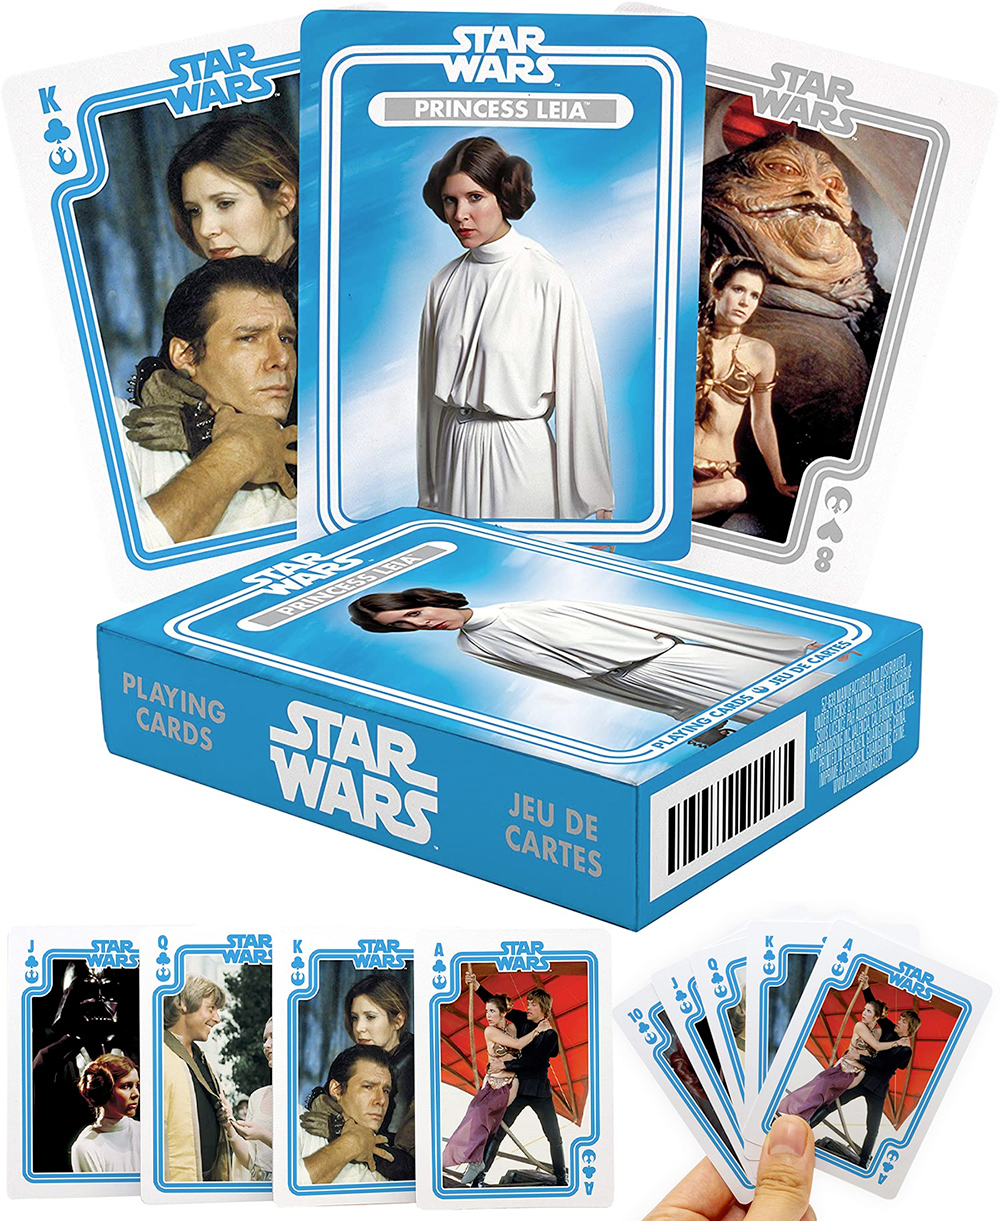 Baralho Princesa Leia com Fotos da Trilogia Star Wars Original